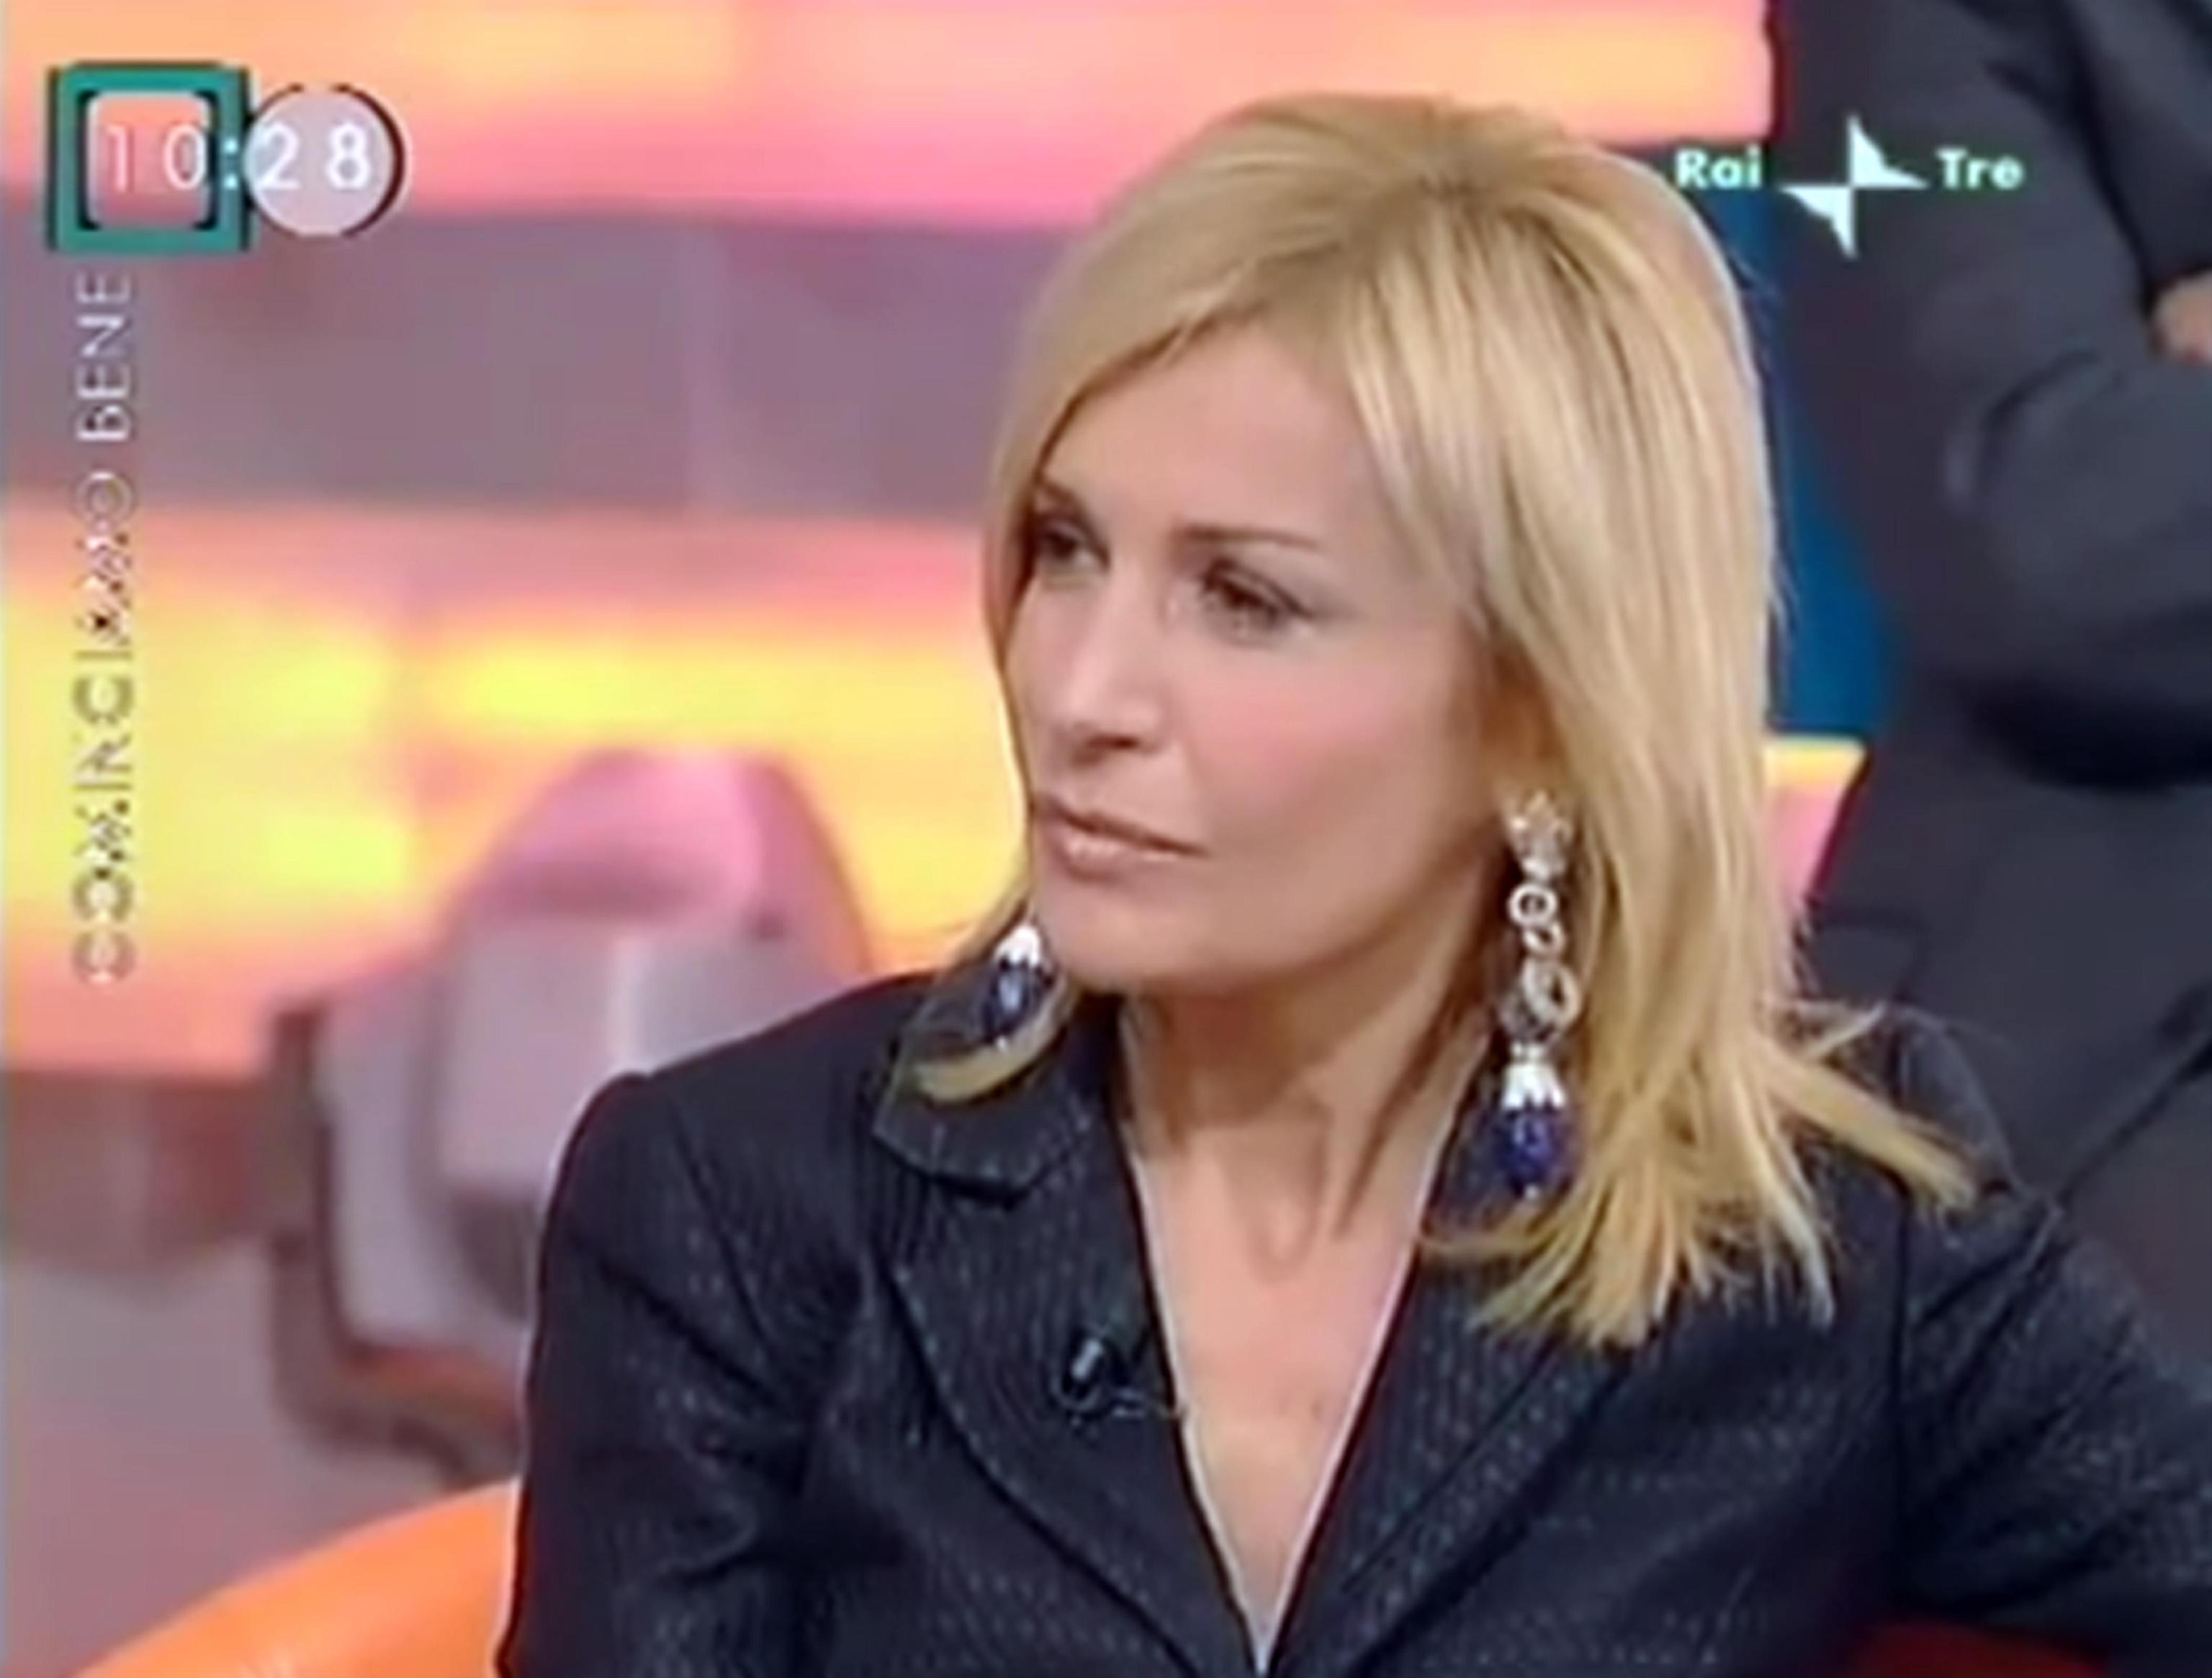 Morta la conduttrice Alessandra Appiano, per gli inquirenti si tratta di suicidio